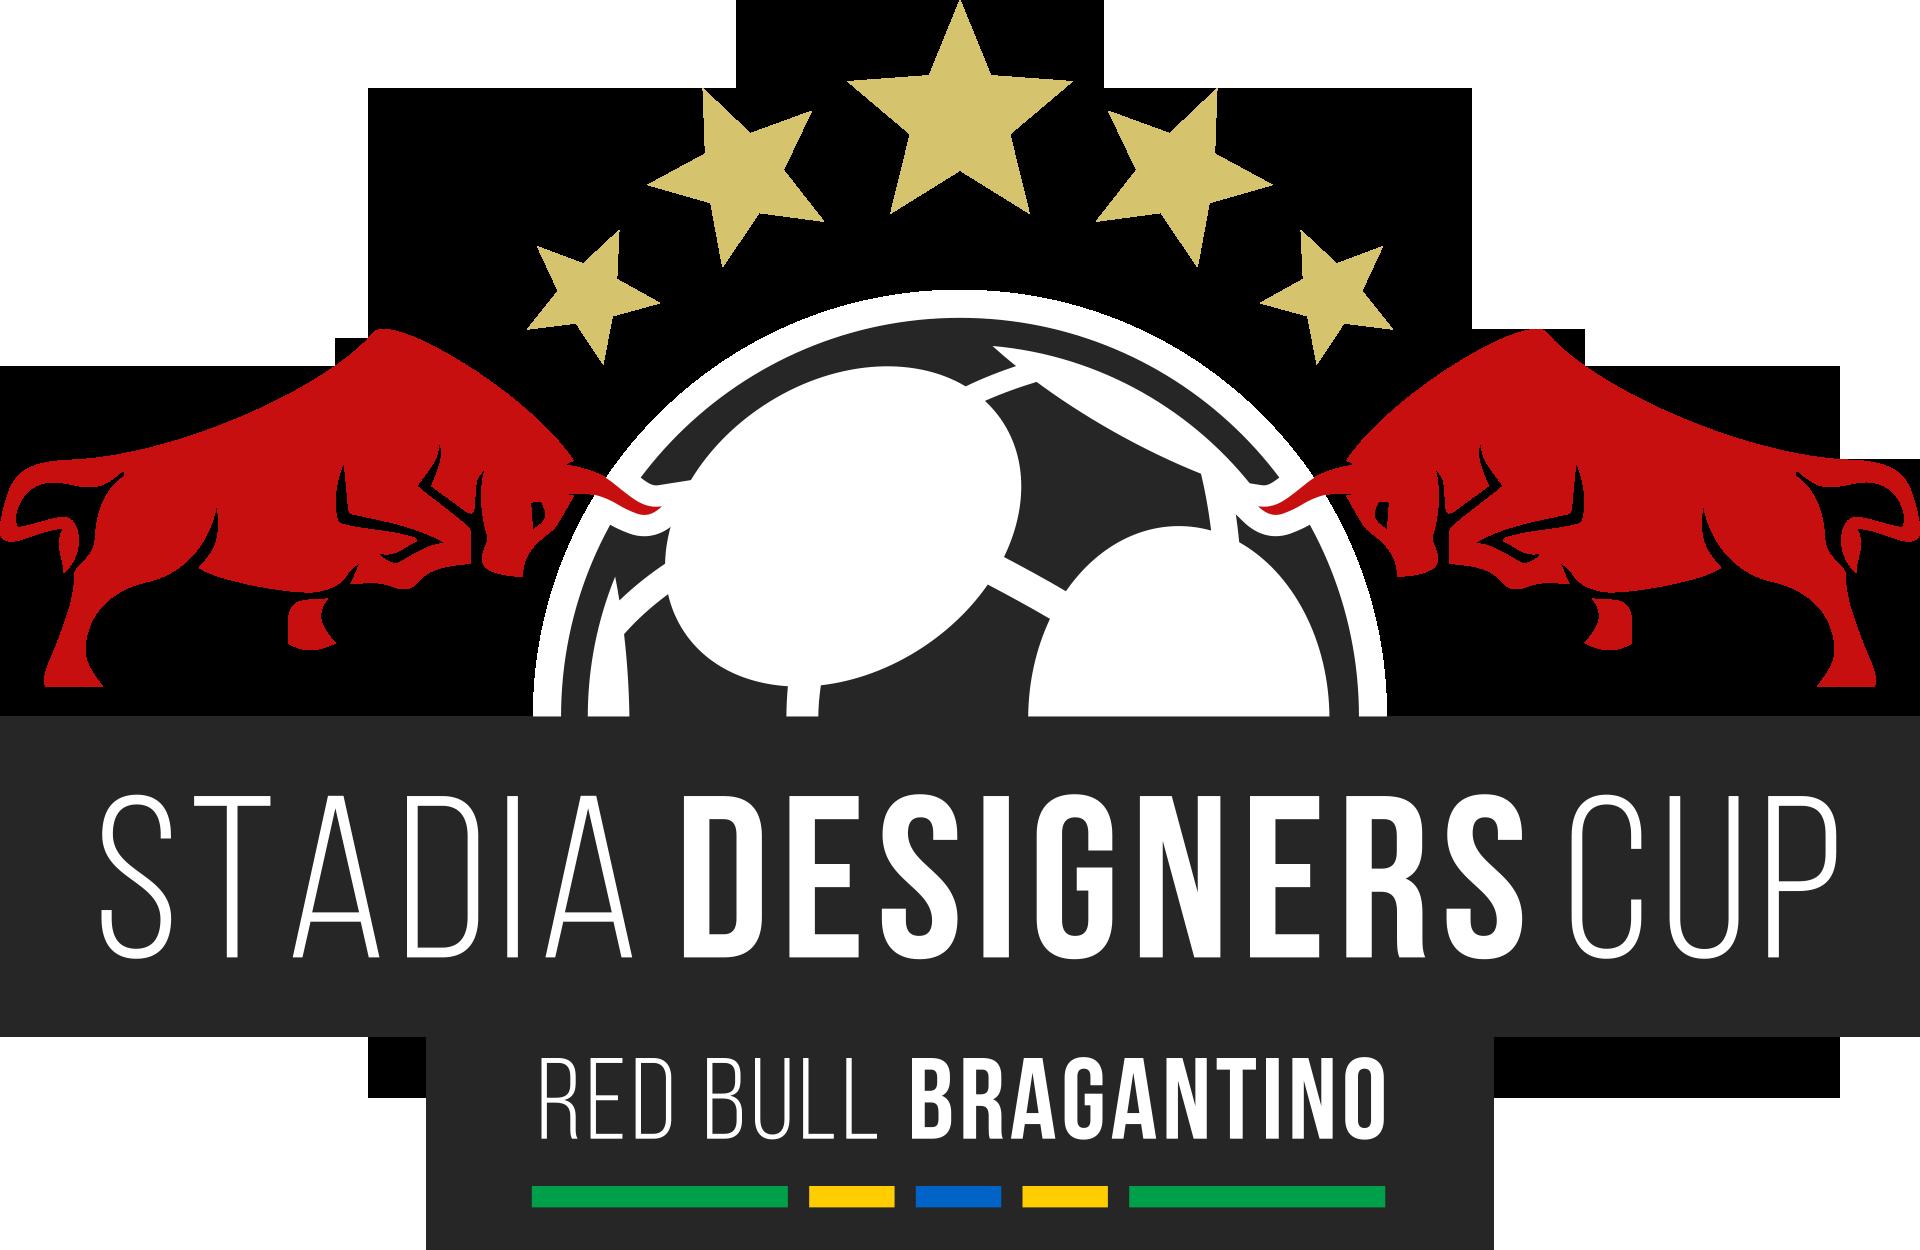 Stadia Designers Cup